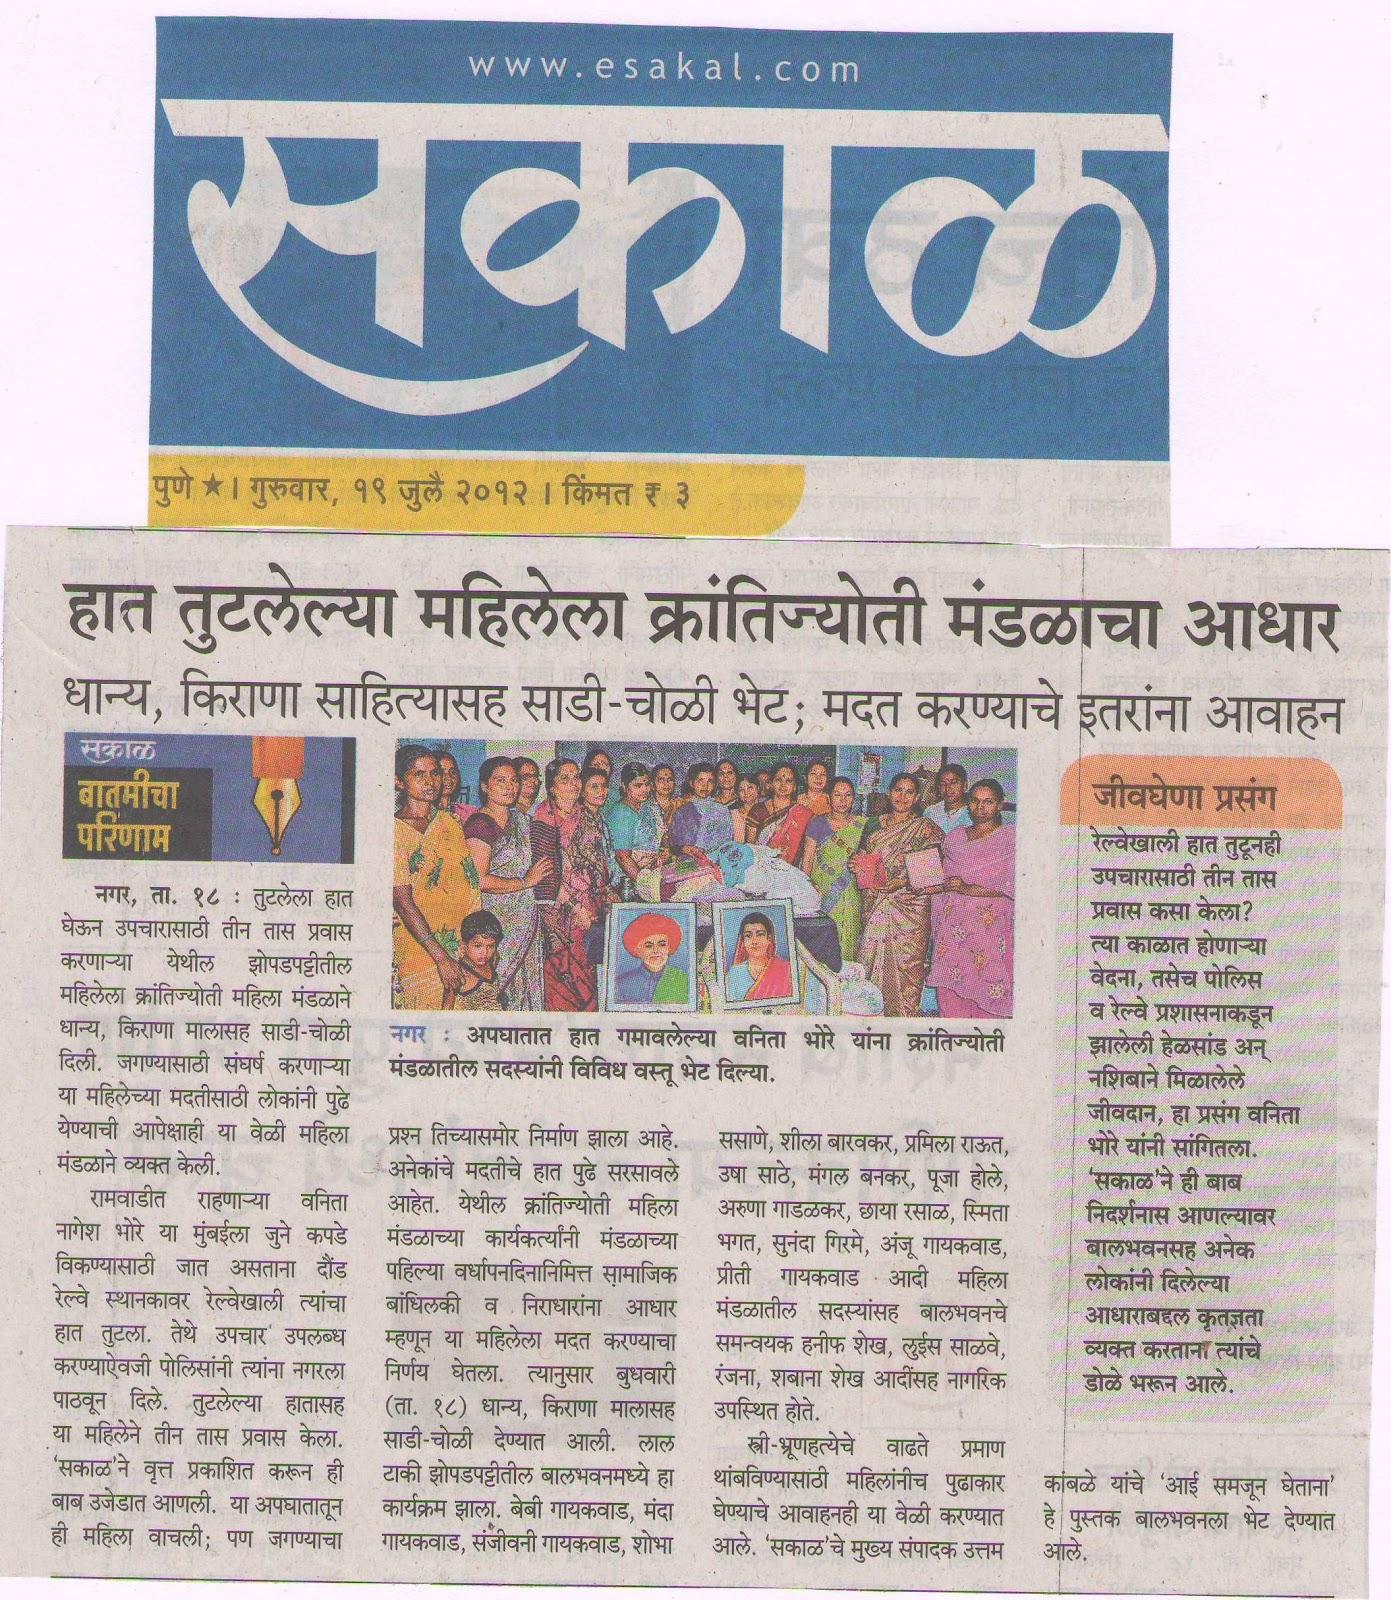 Sakal ahmednagar advertisement booking centre.